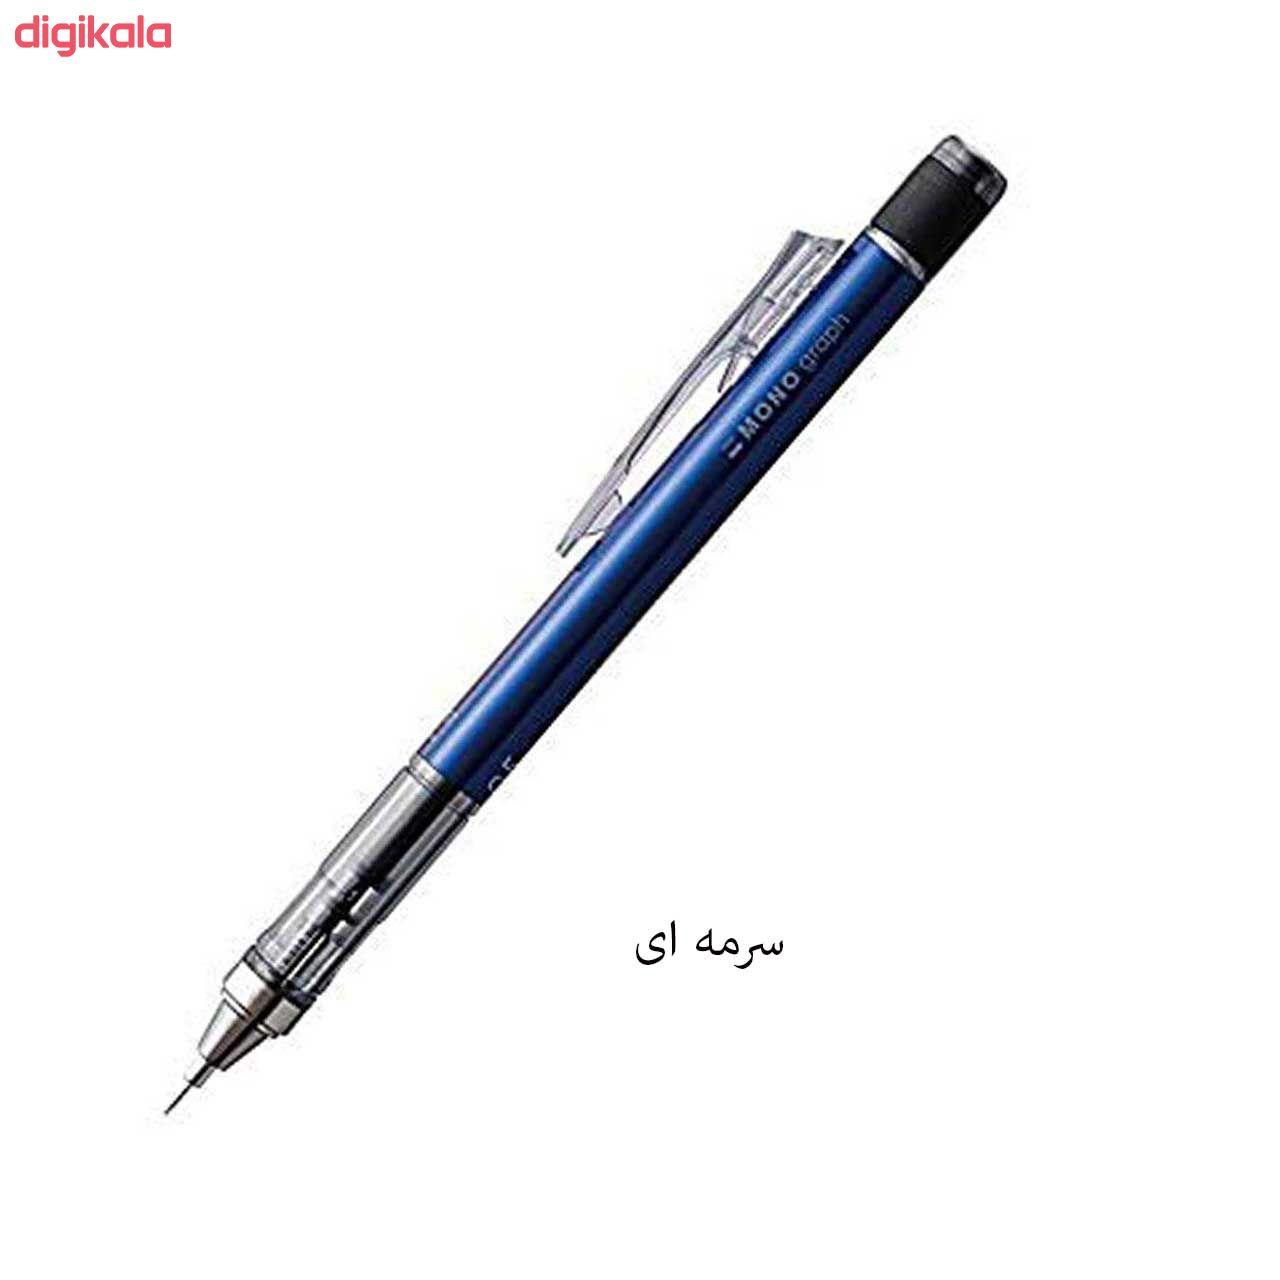 مداد نوکی 0.5 میلی متری تومبو مدل MONO GRAPPH main 1 9